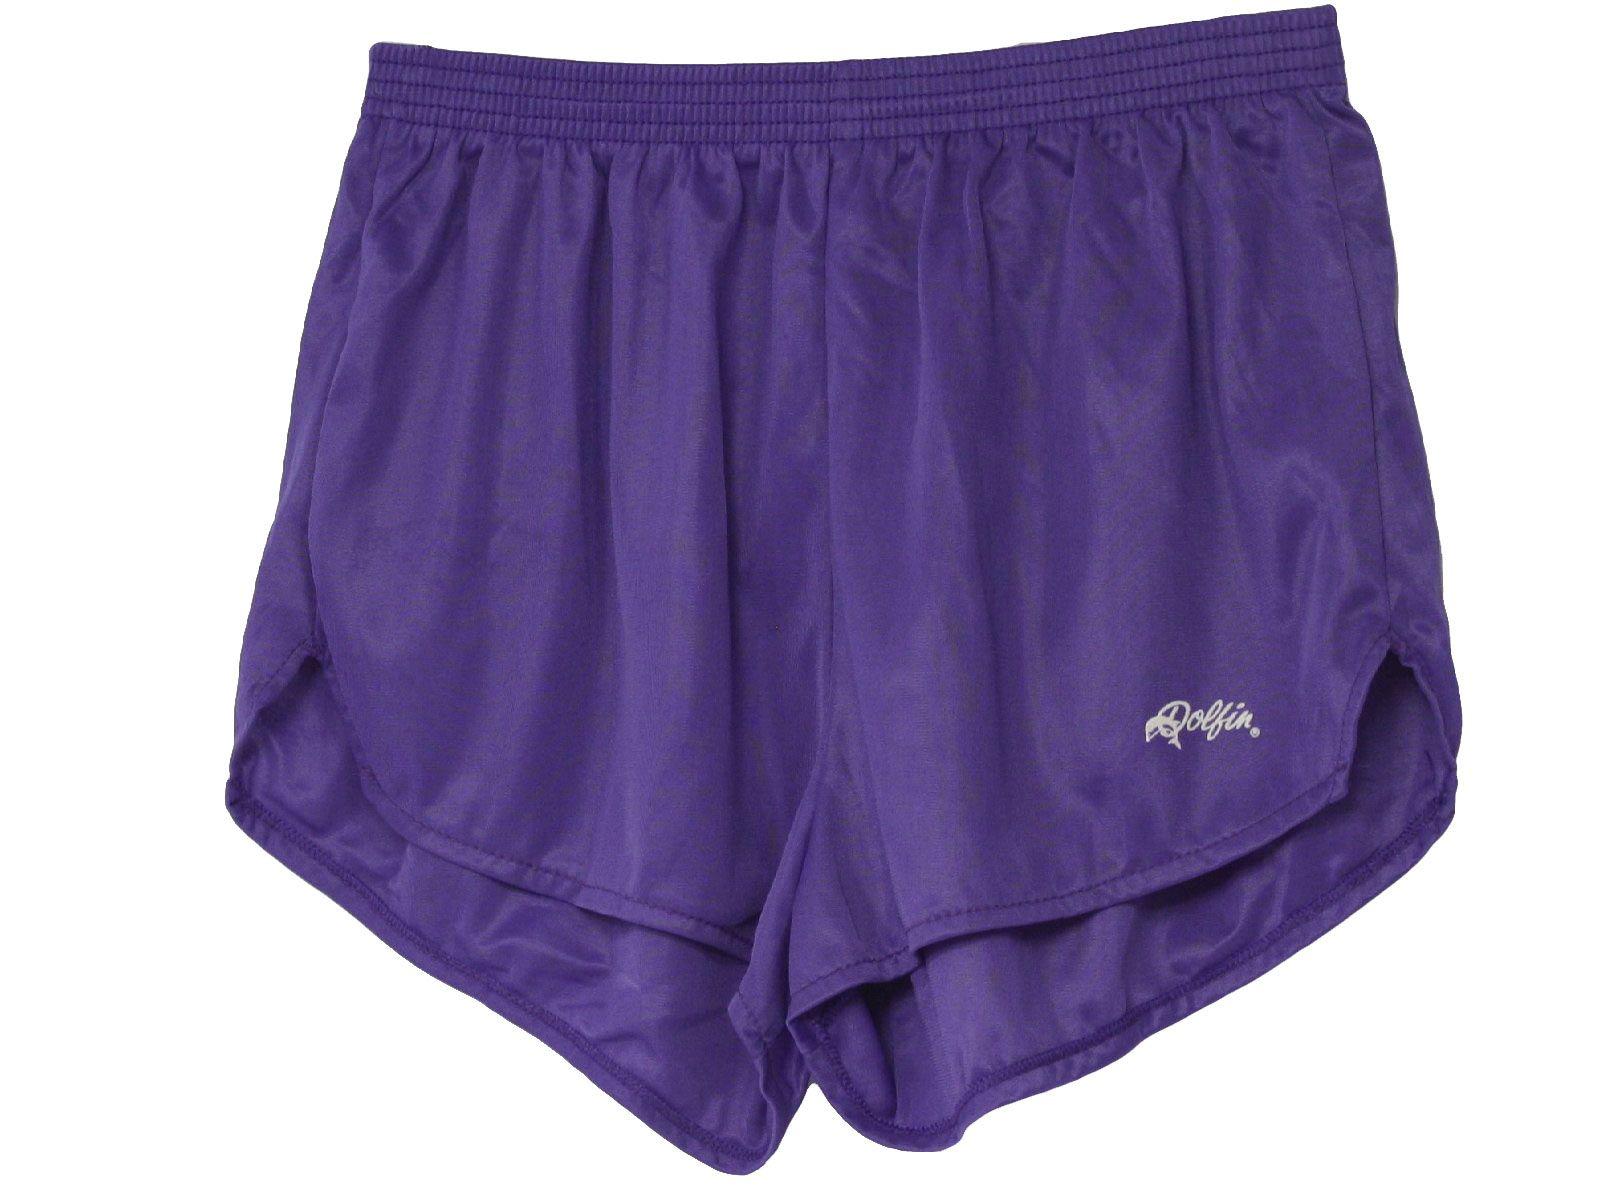 dolphin shorts 80s